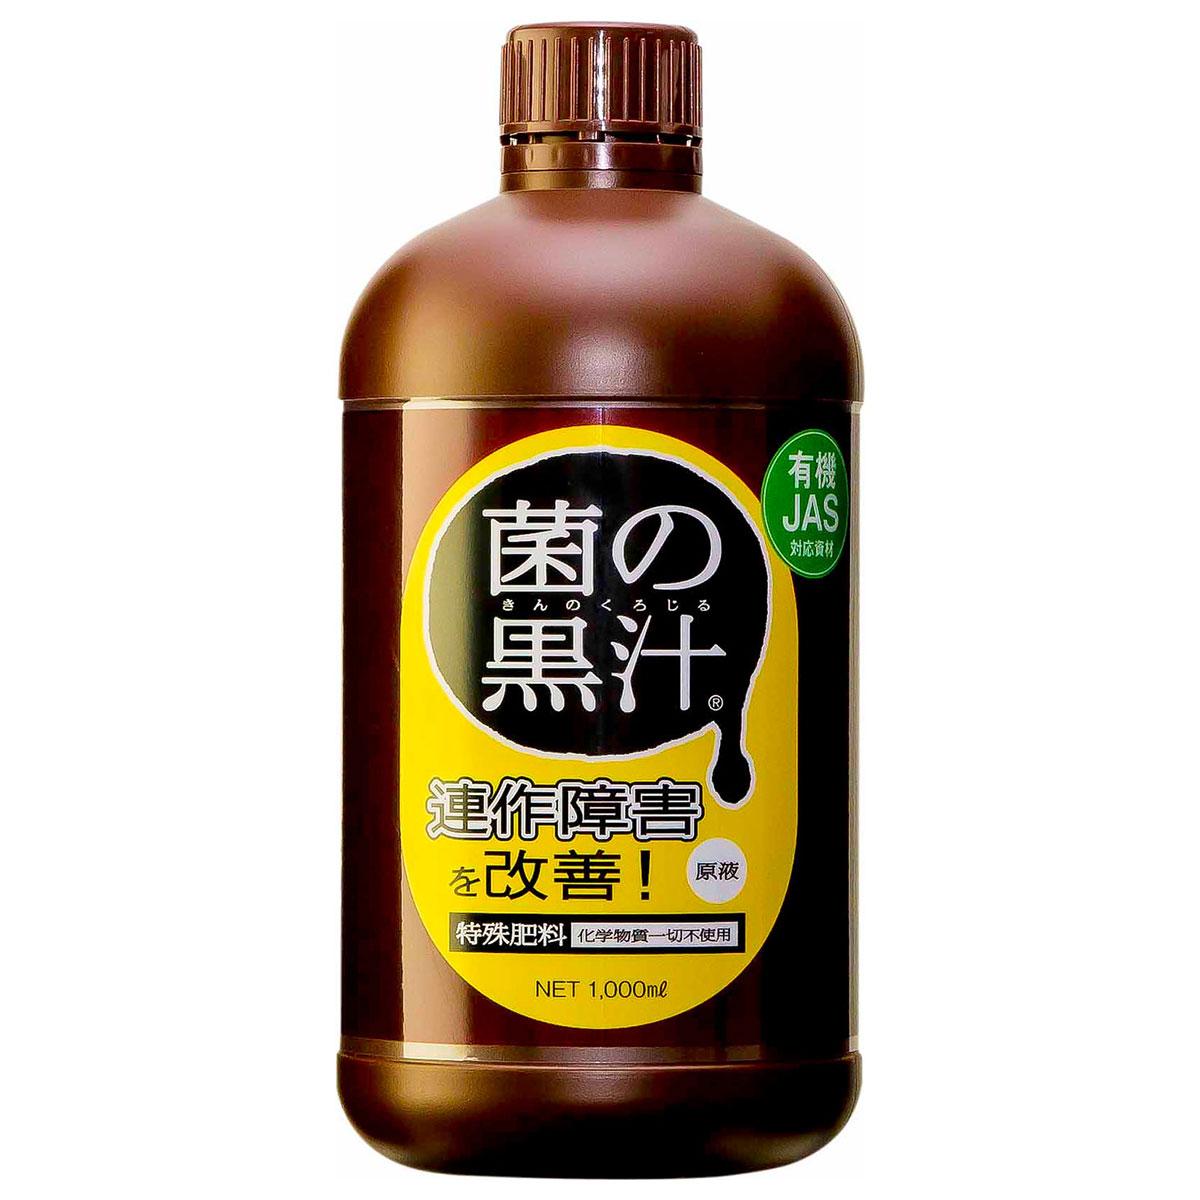 ヤサキ 土壌改良 生長促進剤 菌の黒汁 1L ポイント10倍